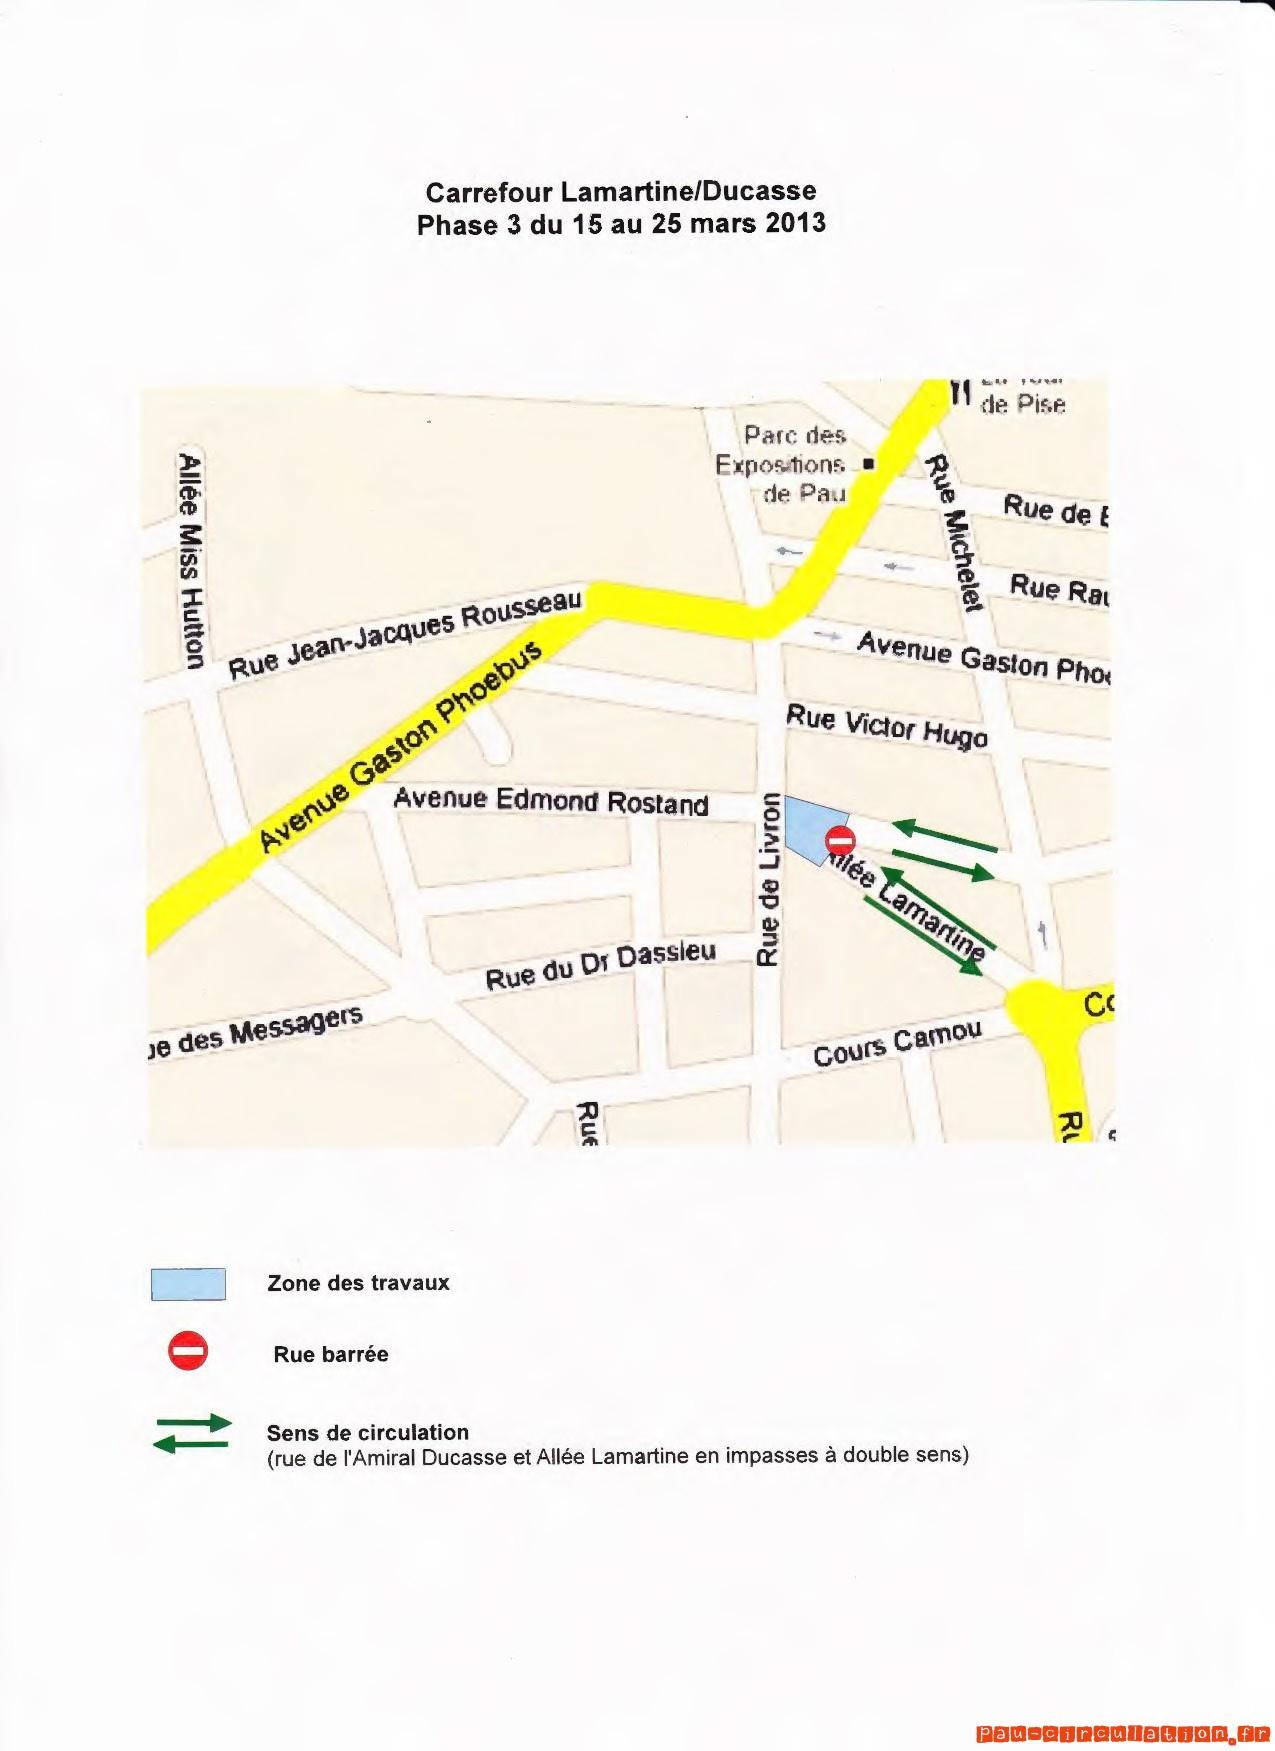 Rénovation Rue de Livron – Phase 03 du 15 mars au 25 mars 2013